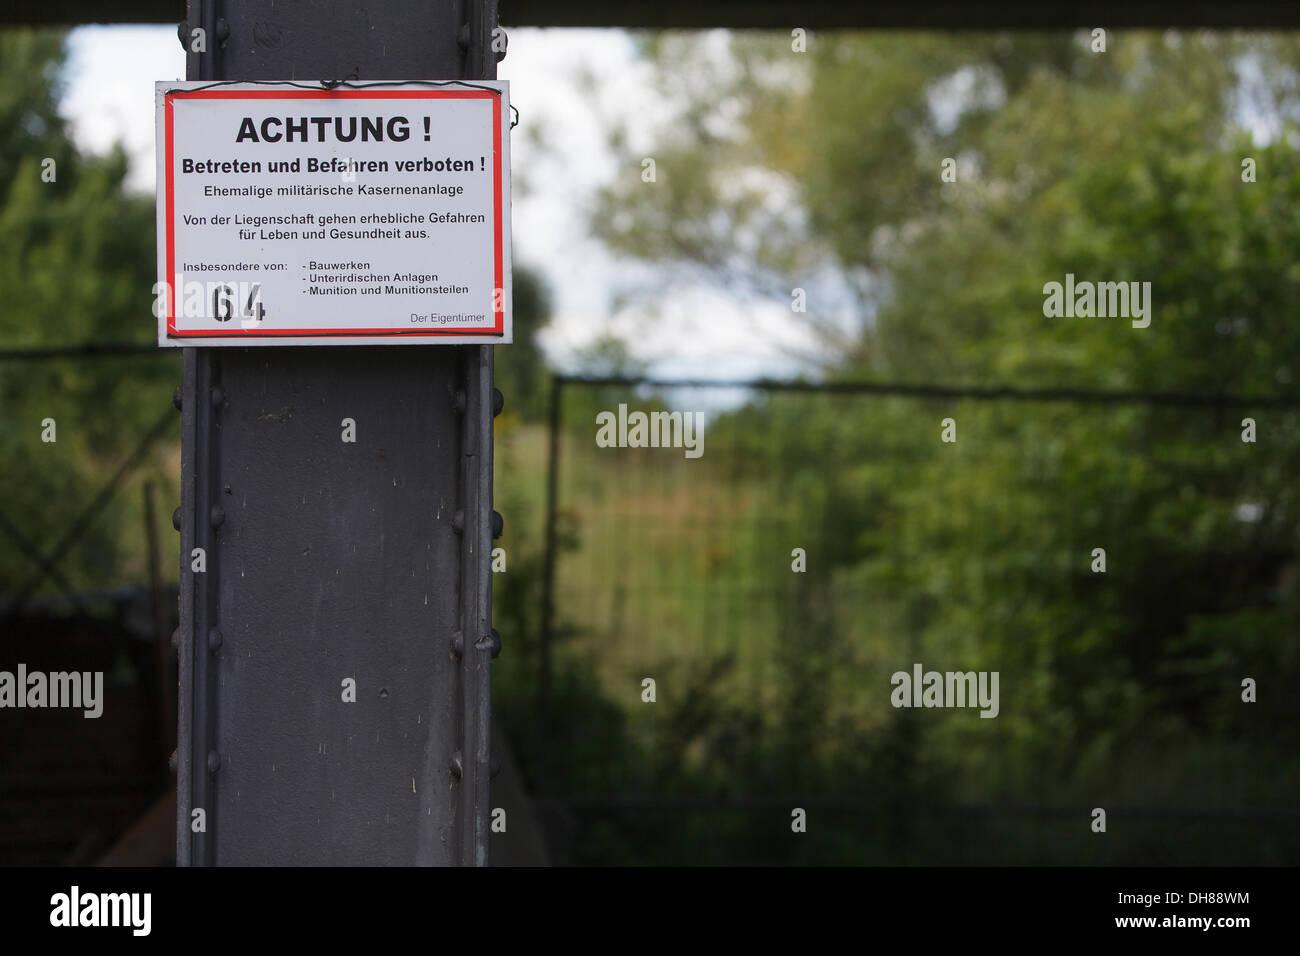 Warning sign, former Soviet military base near Kuestrin on the border river Oder, Brandenburg - Stock Image